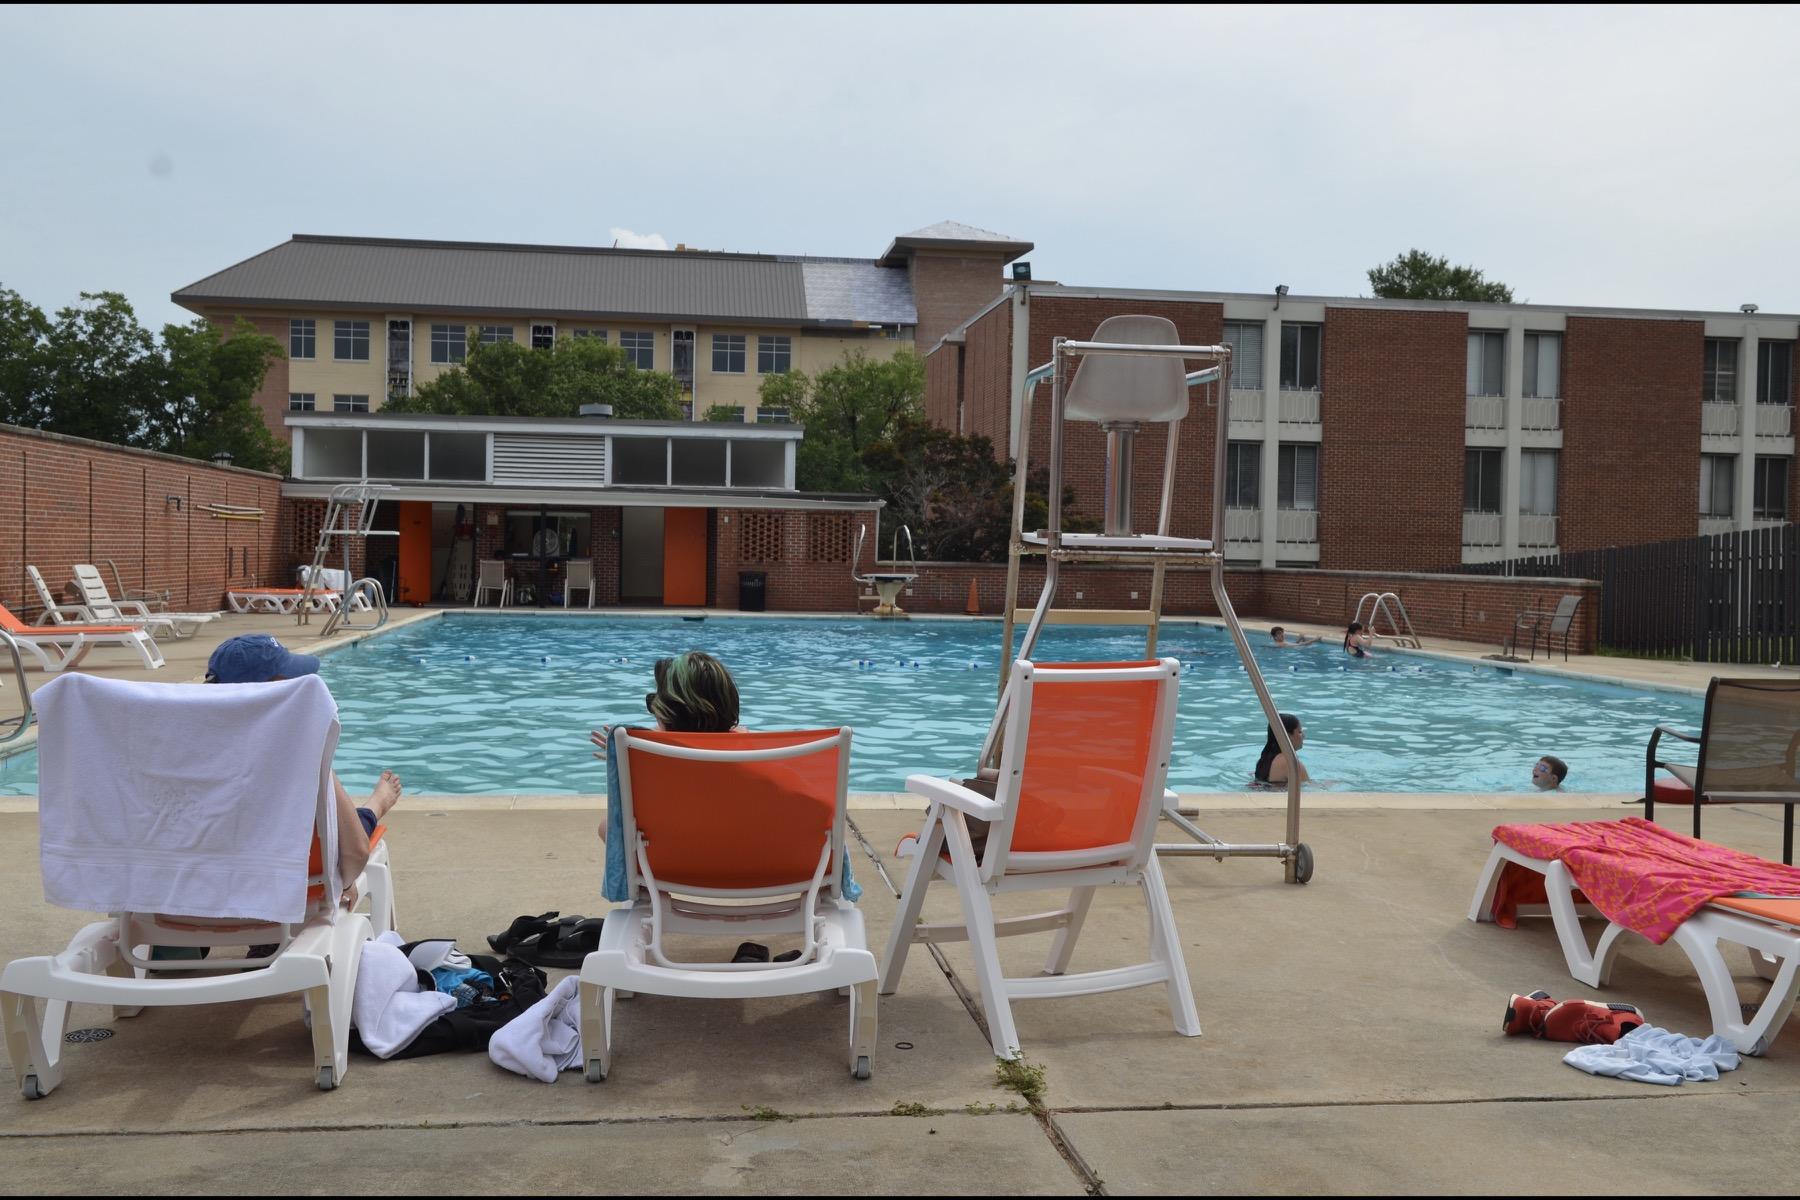 Plunkett Pool